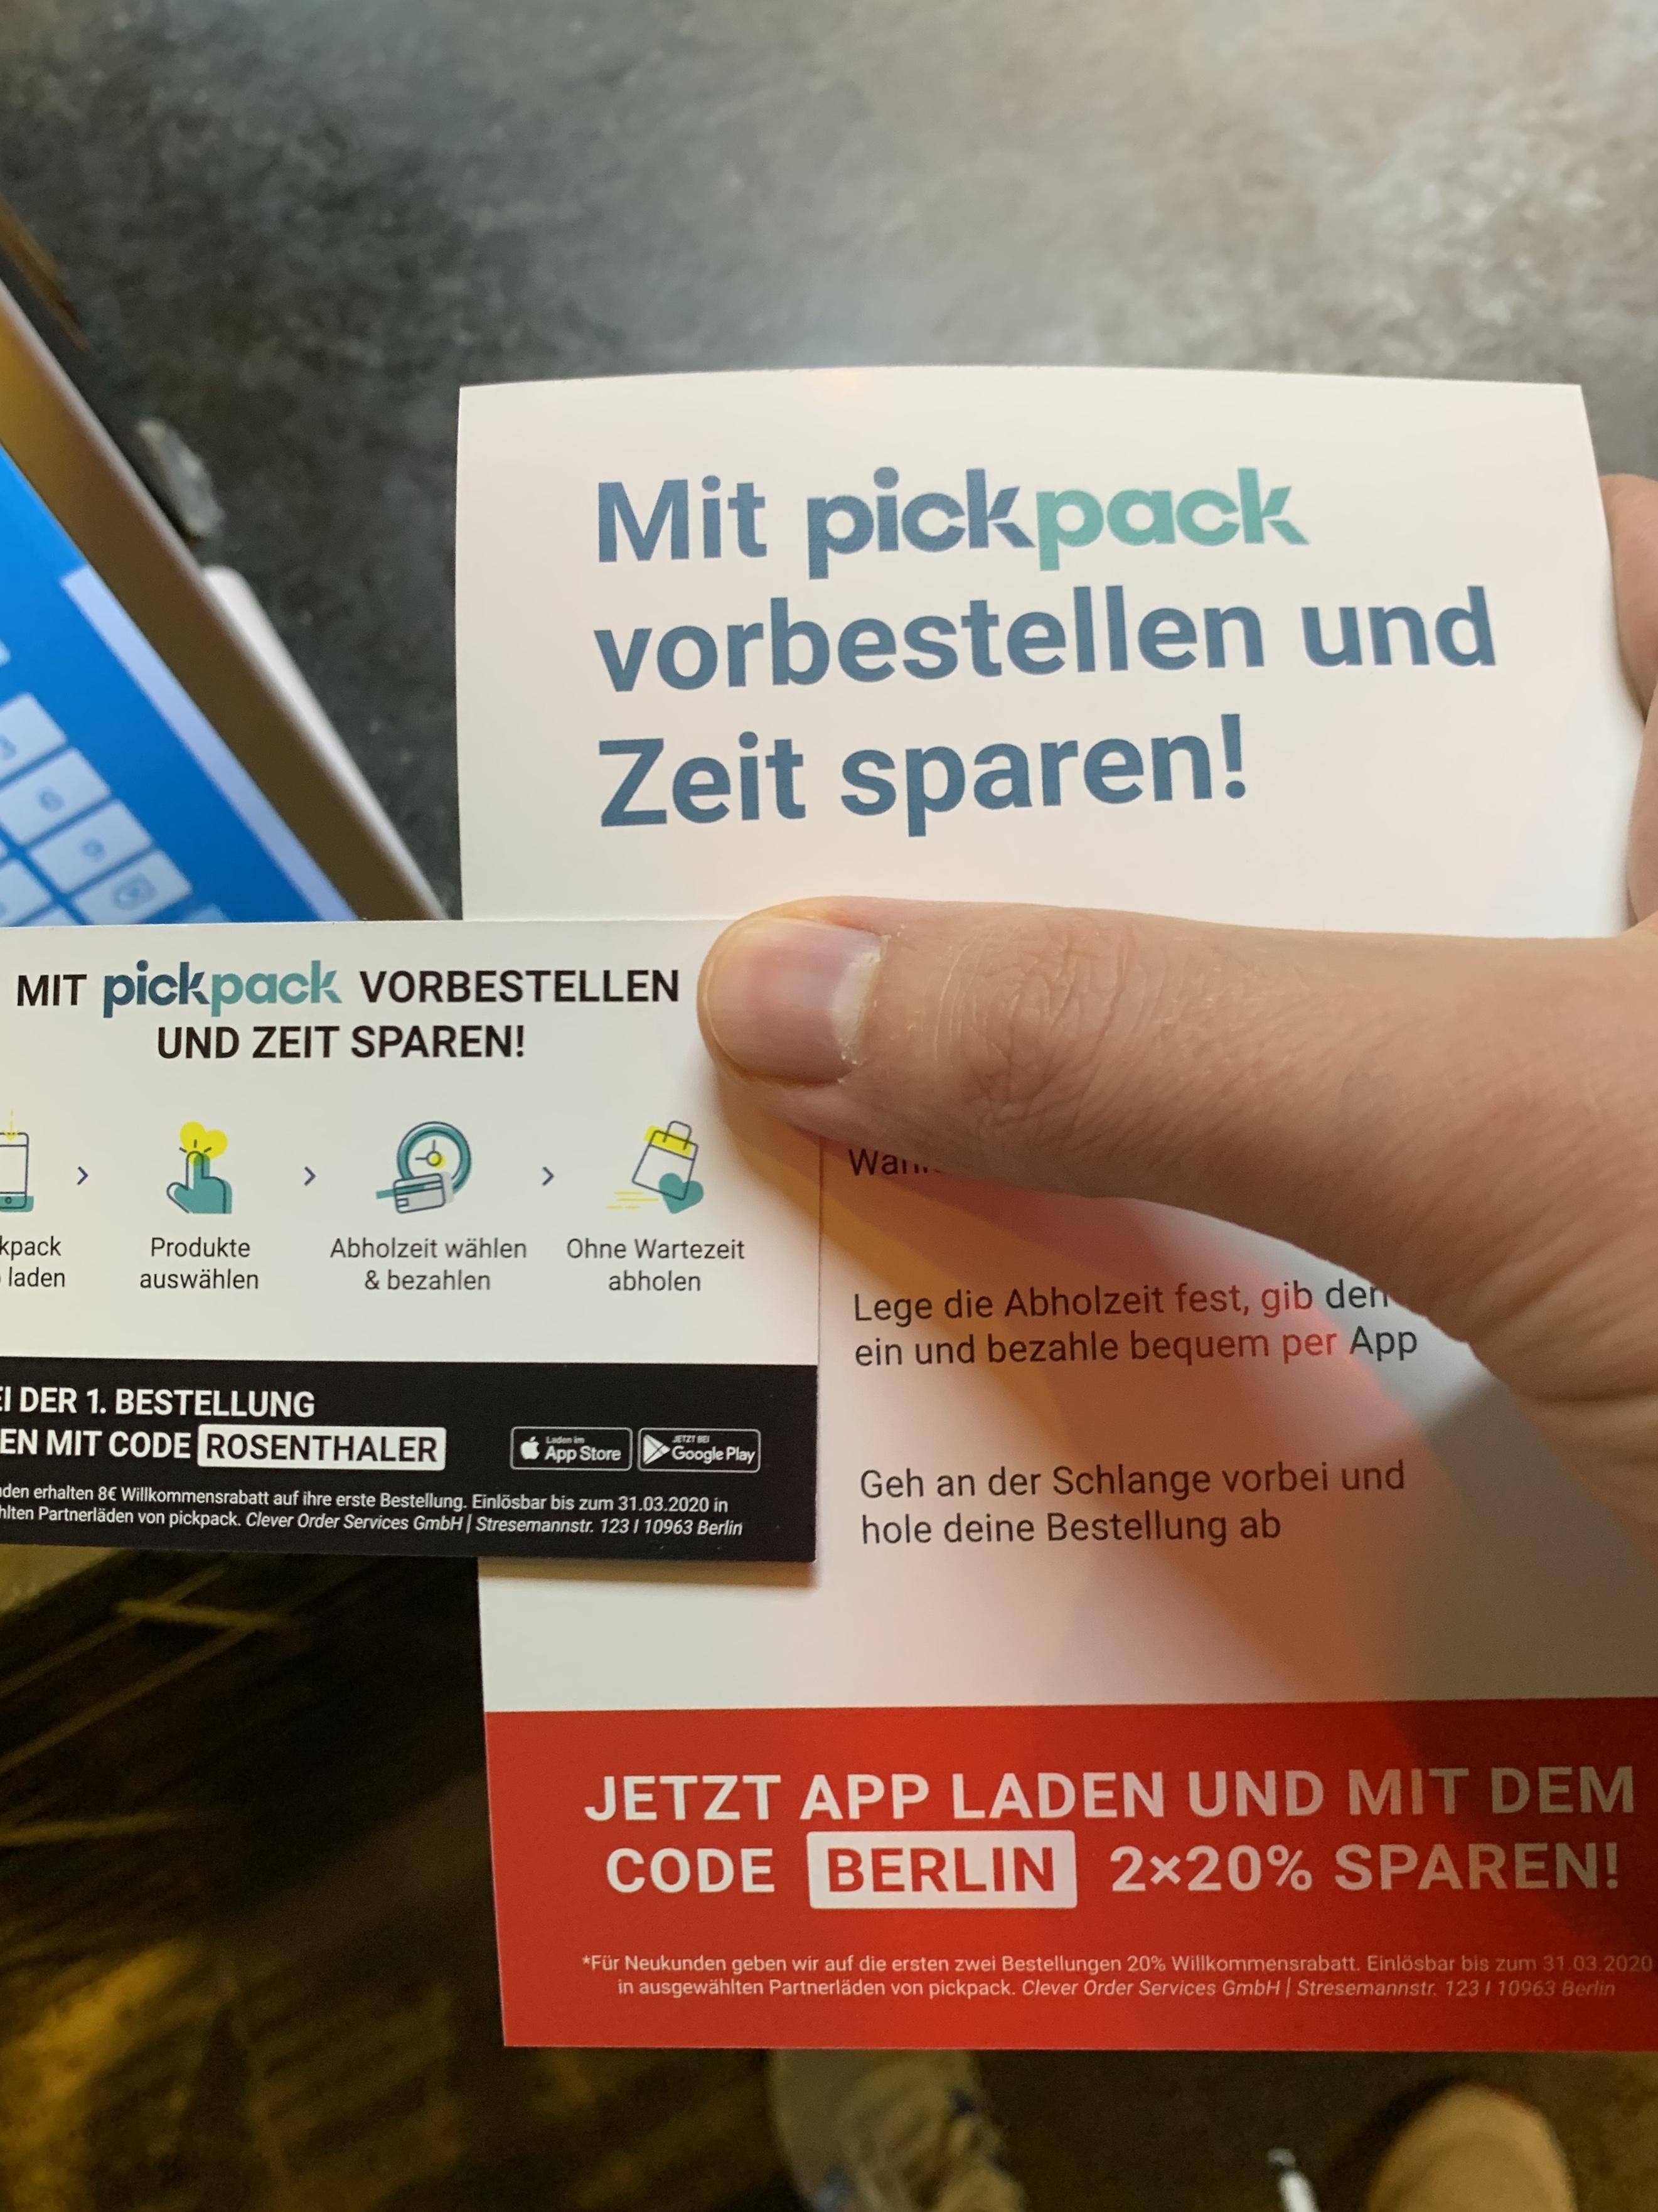 [Berlin] 8€ Pickpack Gutschein für Neukunden